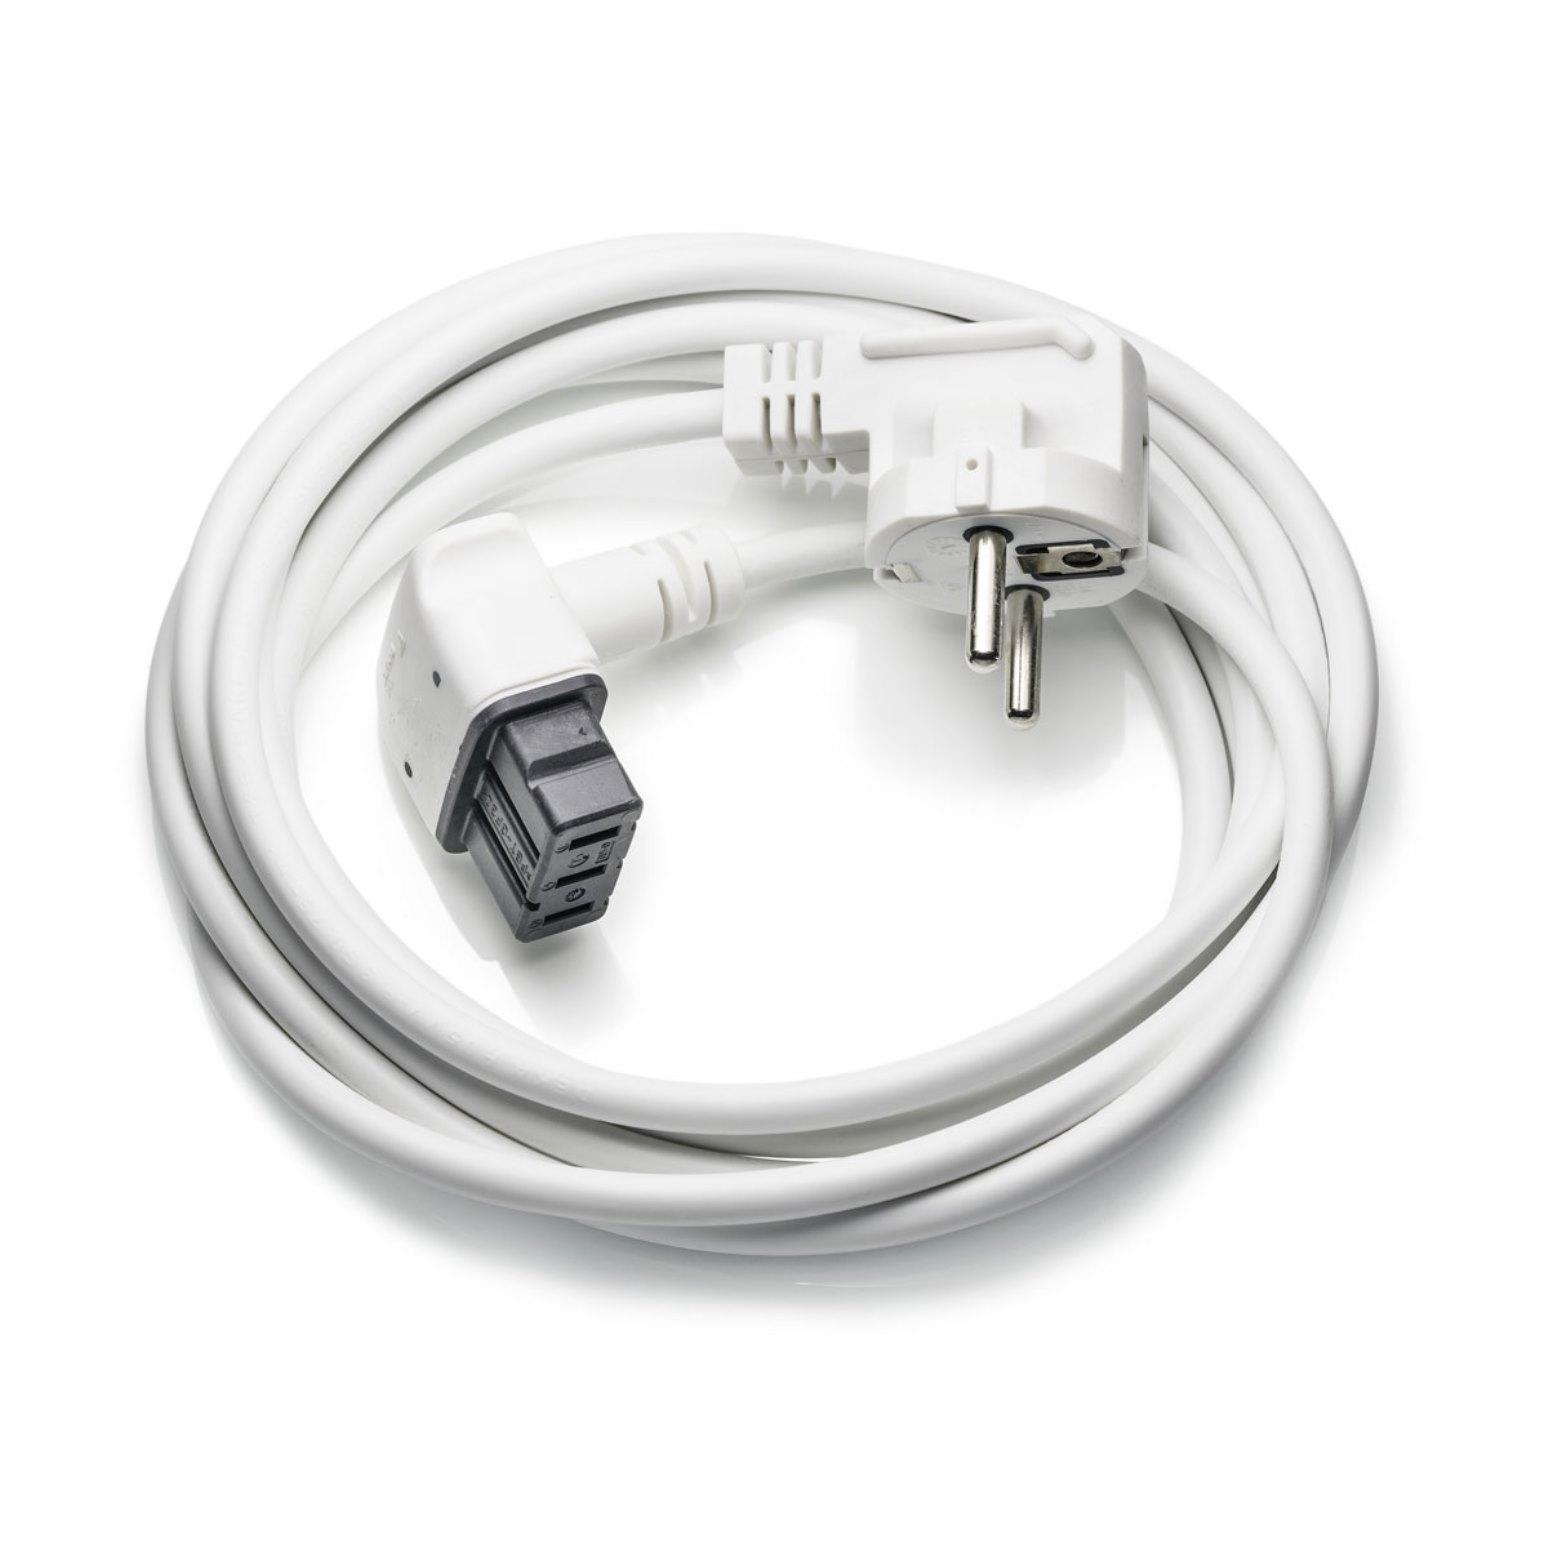 Сетевой кабель BluPerformance (3 м.) купить украина